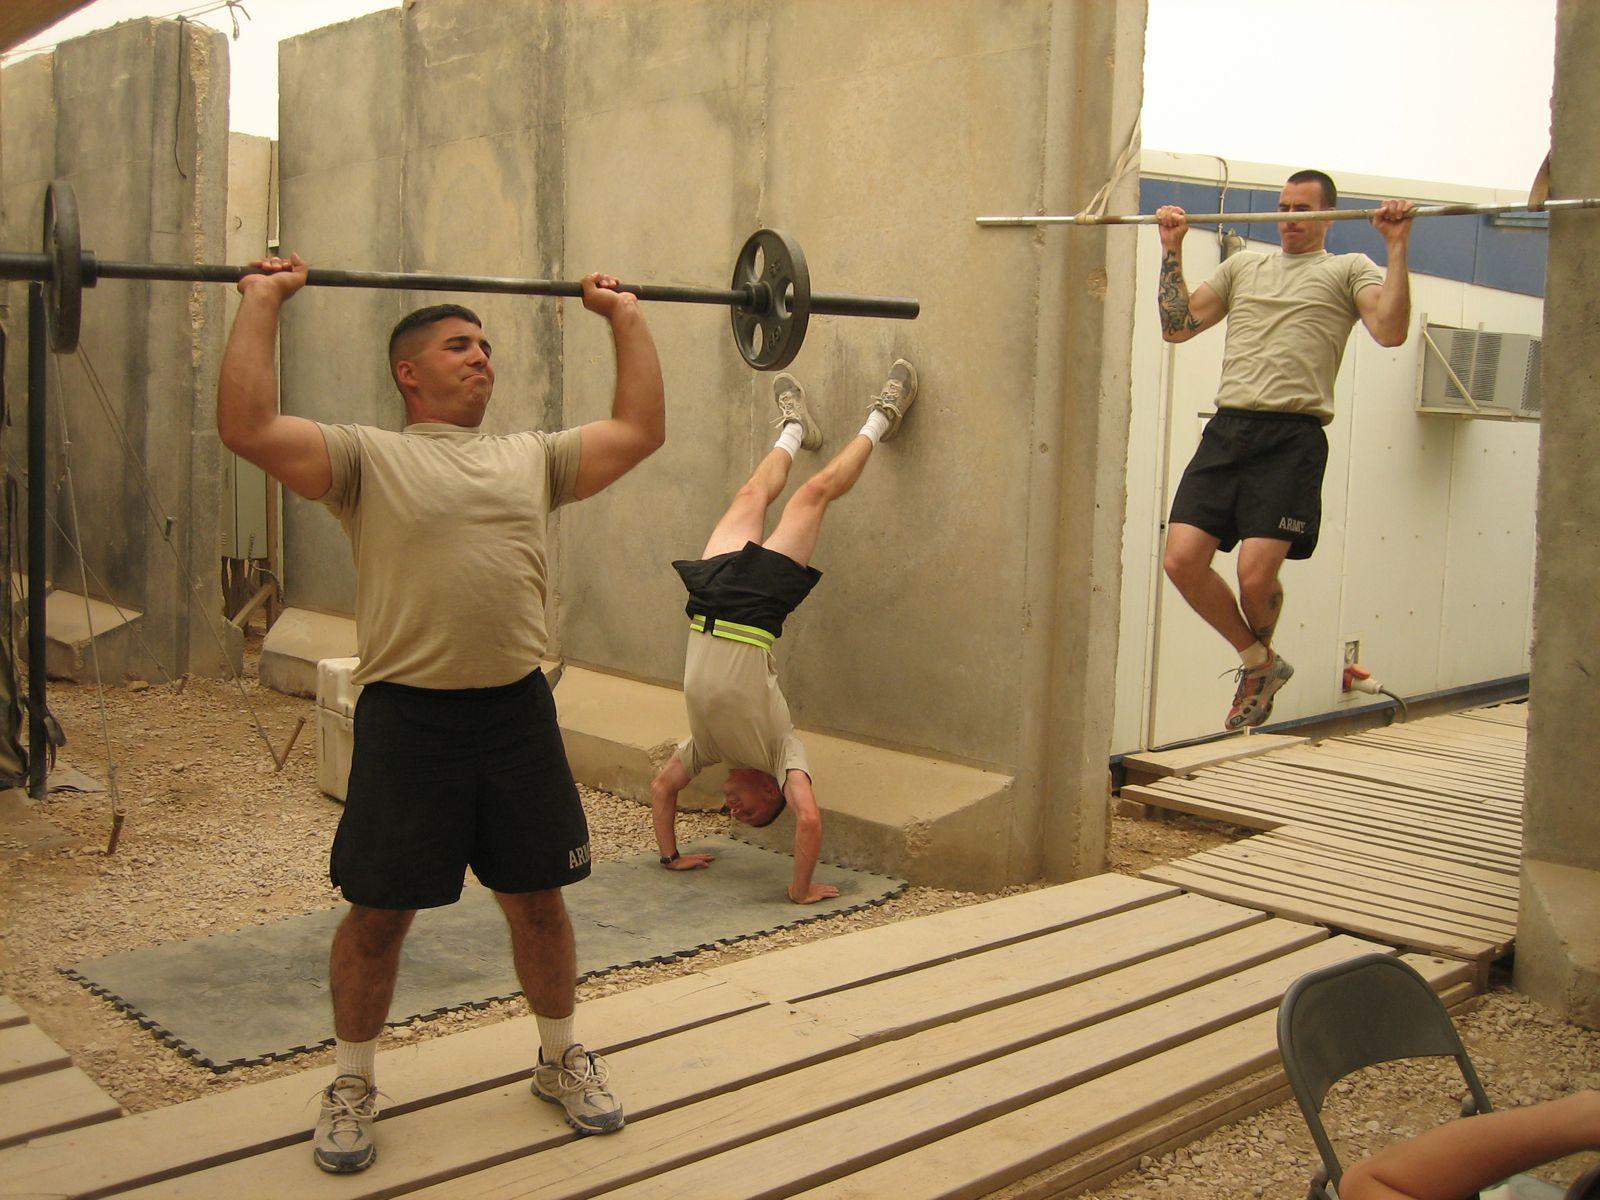 CrossFit: Forging Elite Fitness: Thursday 090507